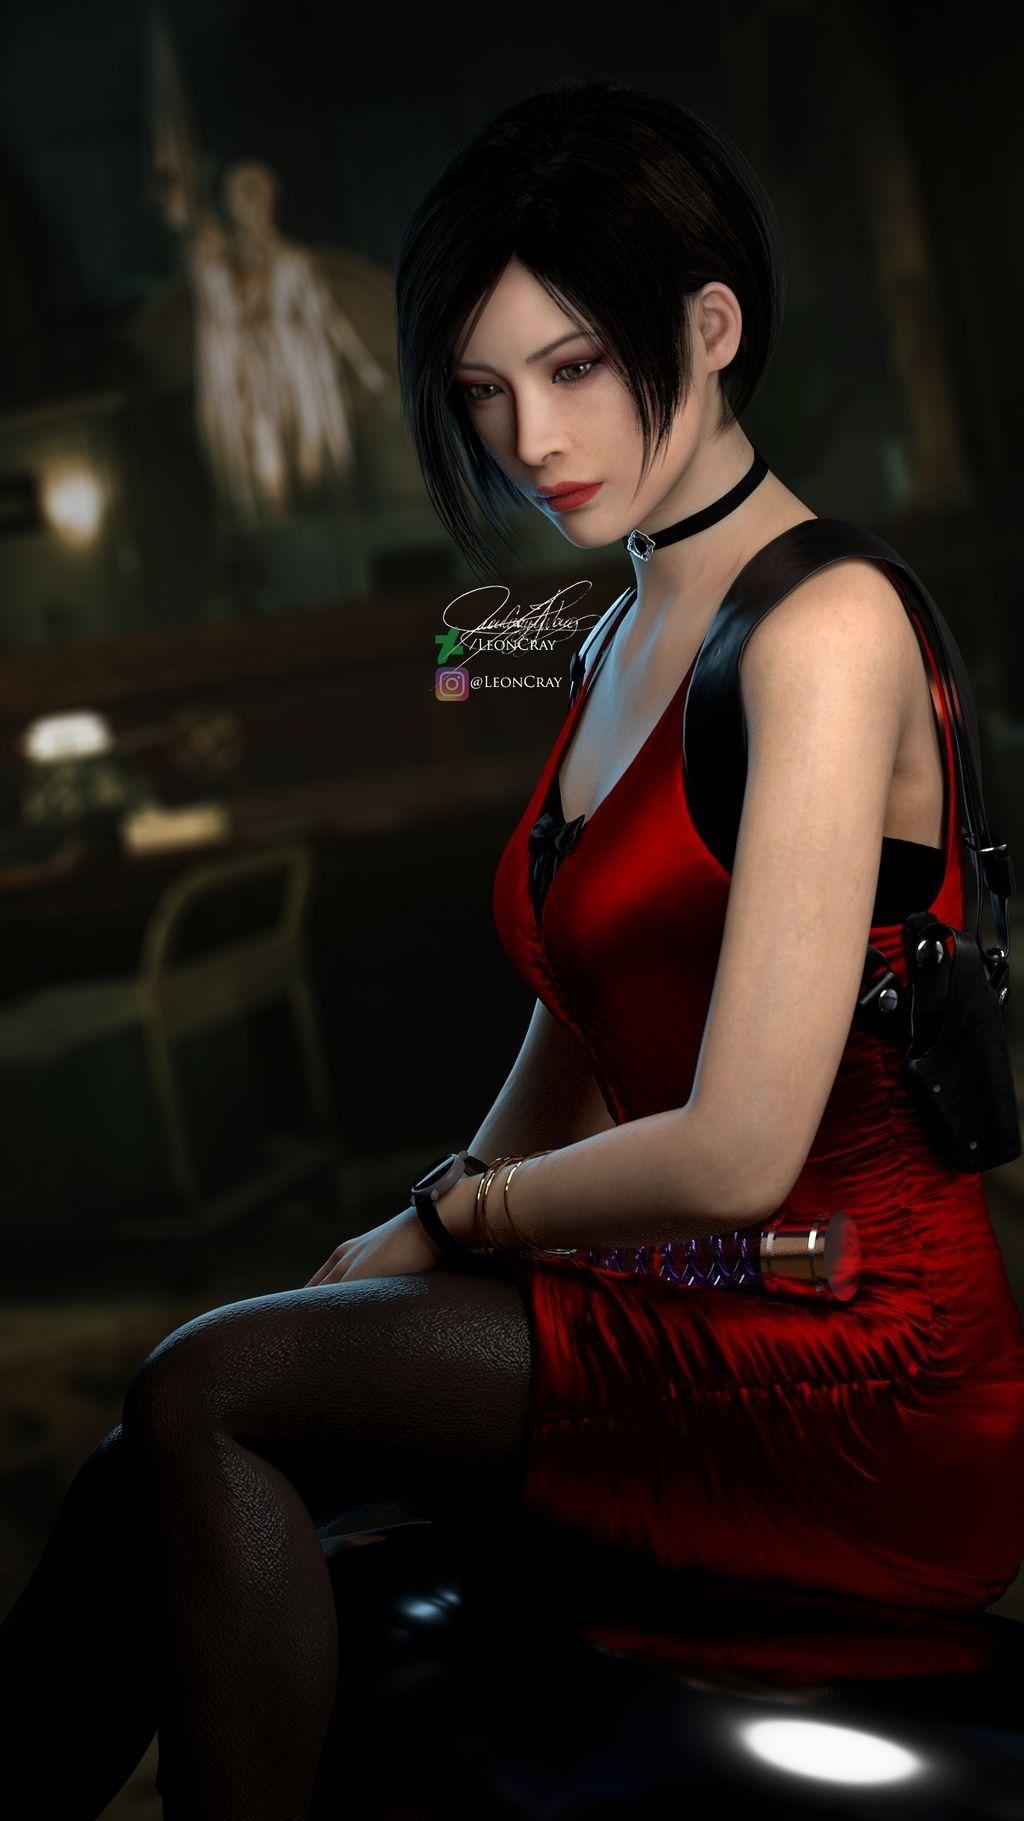 亍ツ on Twitter | Resident evil girl, Resident evil anime